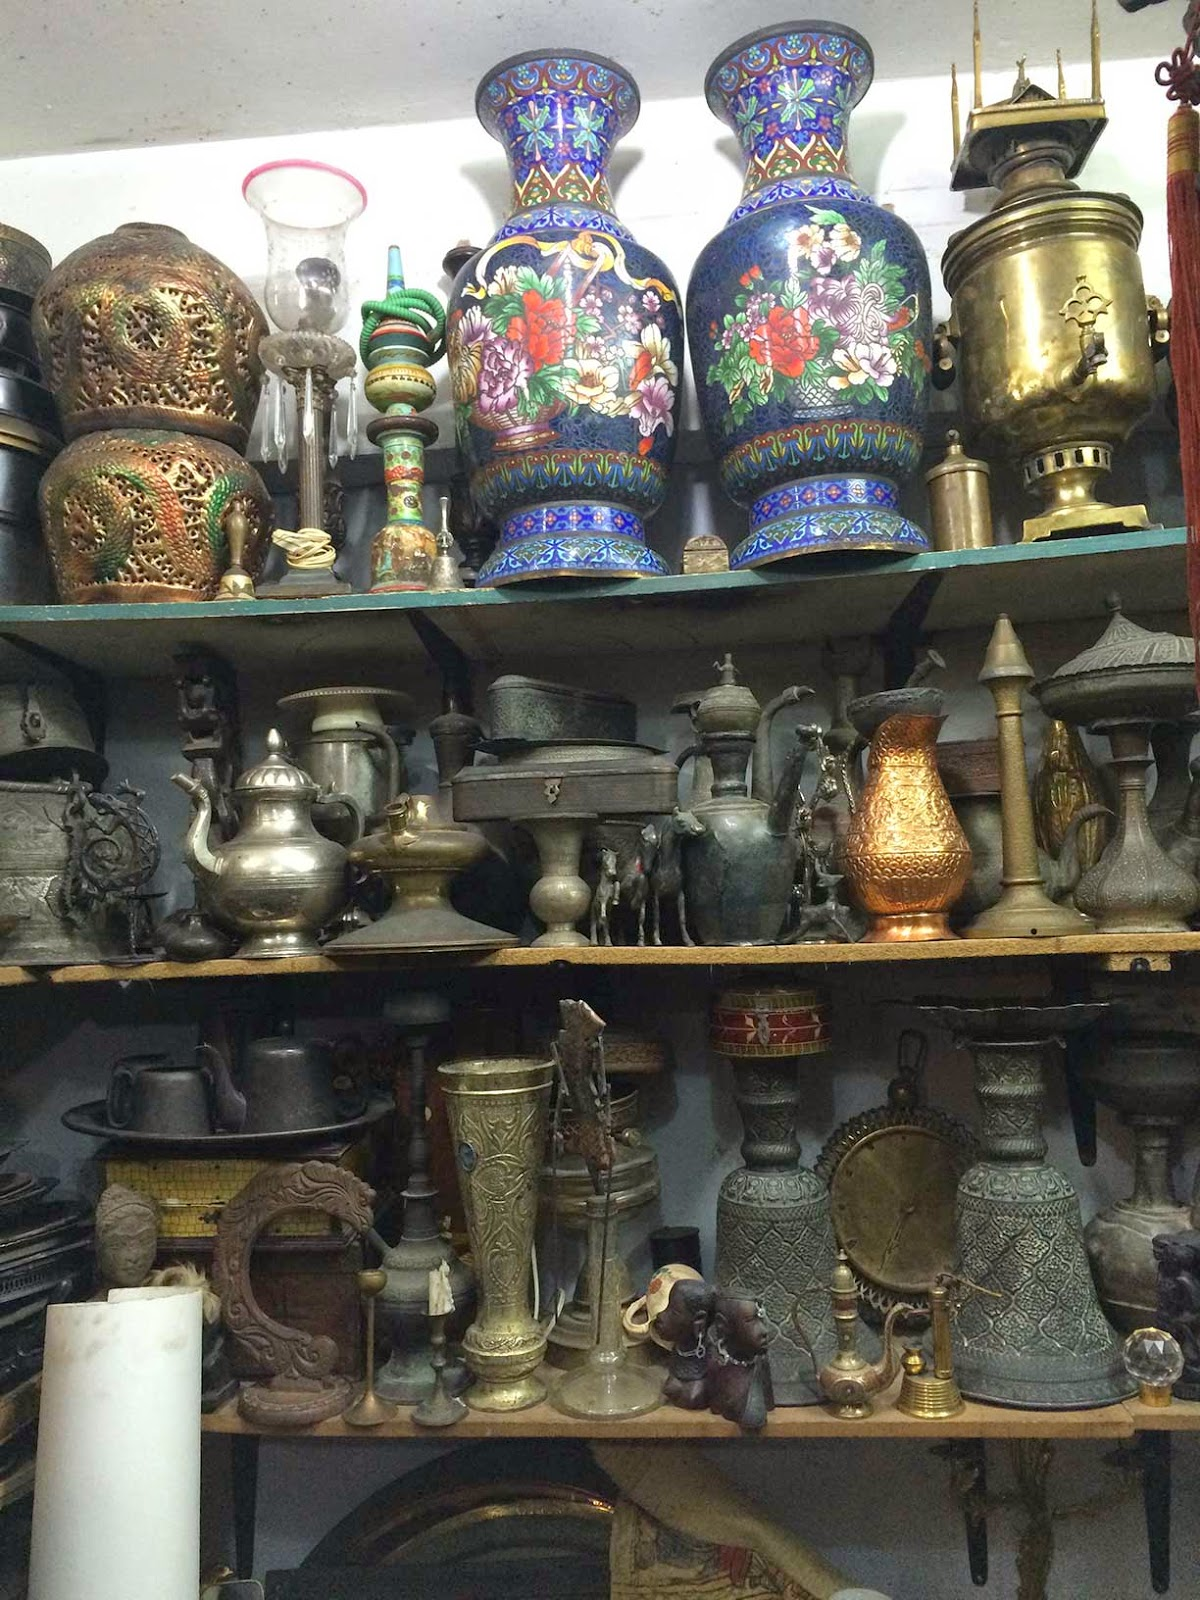 vases pots carvings statues antiques